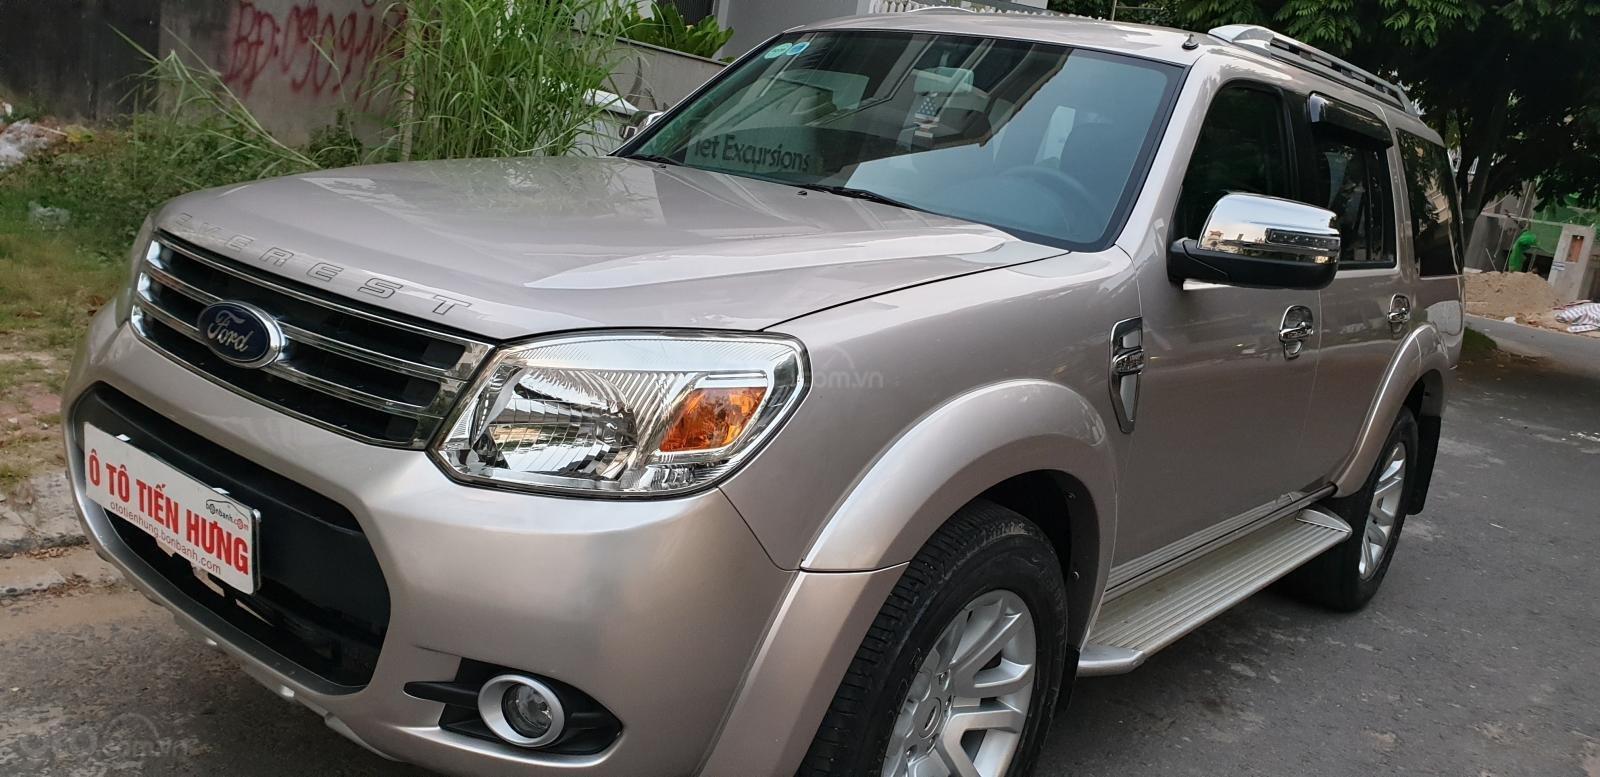 Bán Ford Everest Limited dầu 2.5 số tự động đời t5/2015, màu ghi vàng đẹp mới 90% (1)